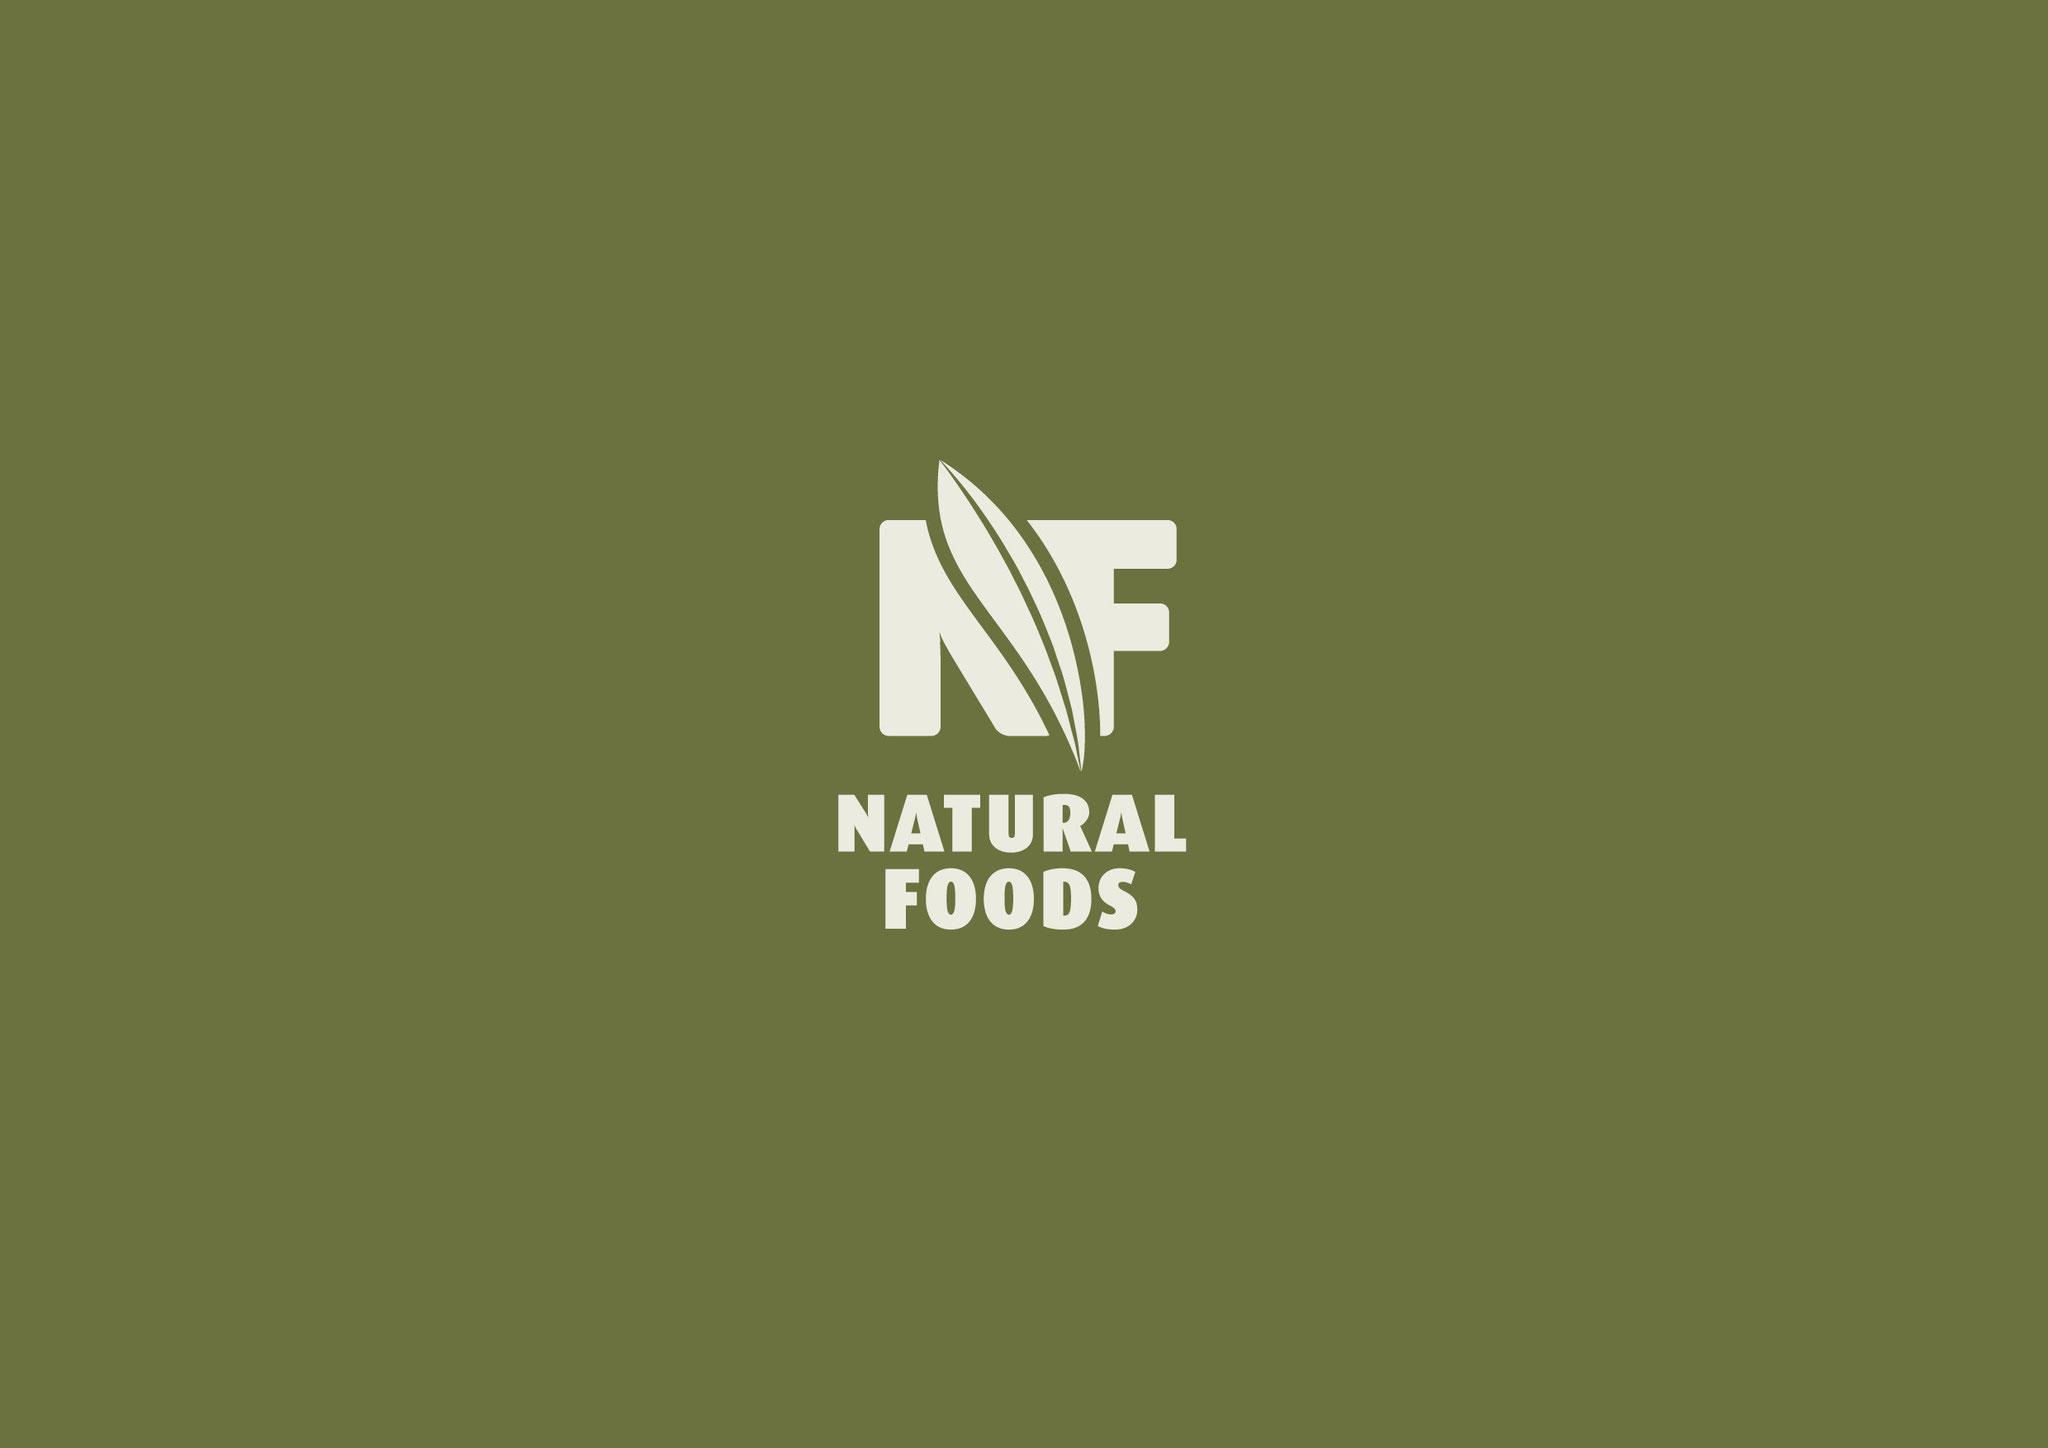 Logo Gestaltung: Entwicklung Bildzeichen für Natural Foods (Logodesign) | Lockedesign 2016 (Burgdorf)